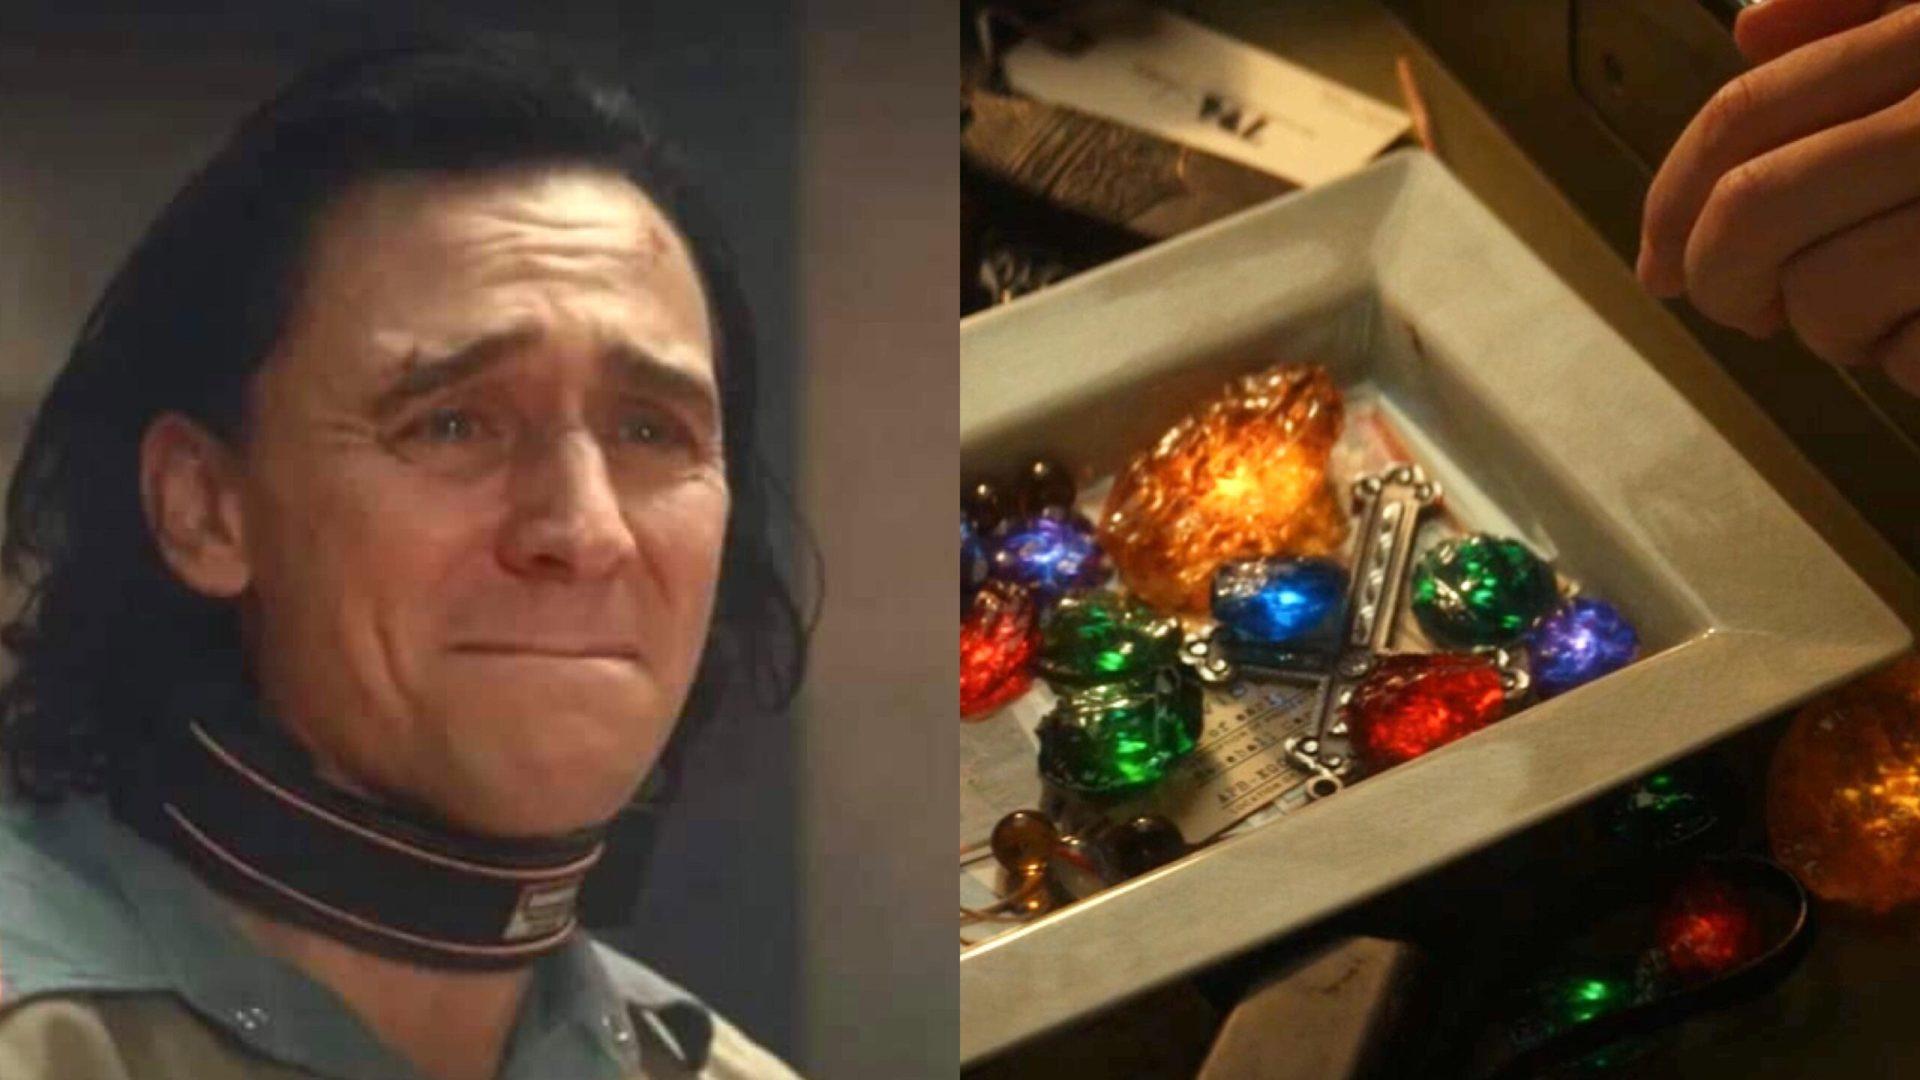 《洛基》為何漫威英雄和薩諾斯拼命爭奪的「無限寶石」,在時間管理局會失去力量成為垃圾? – 我們用電影寫日記